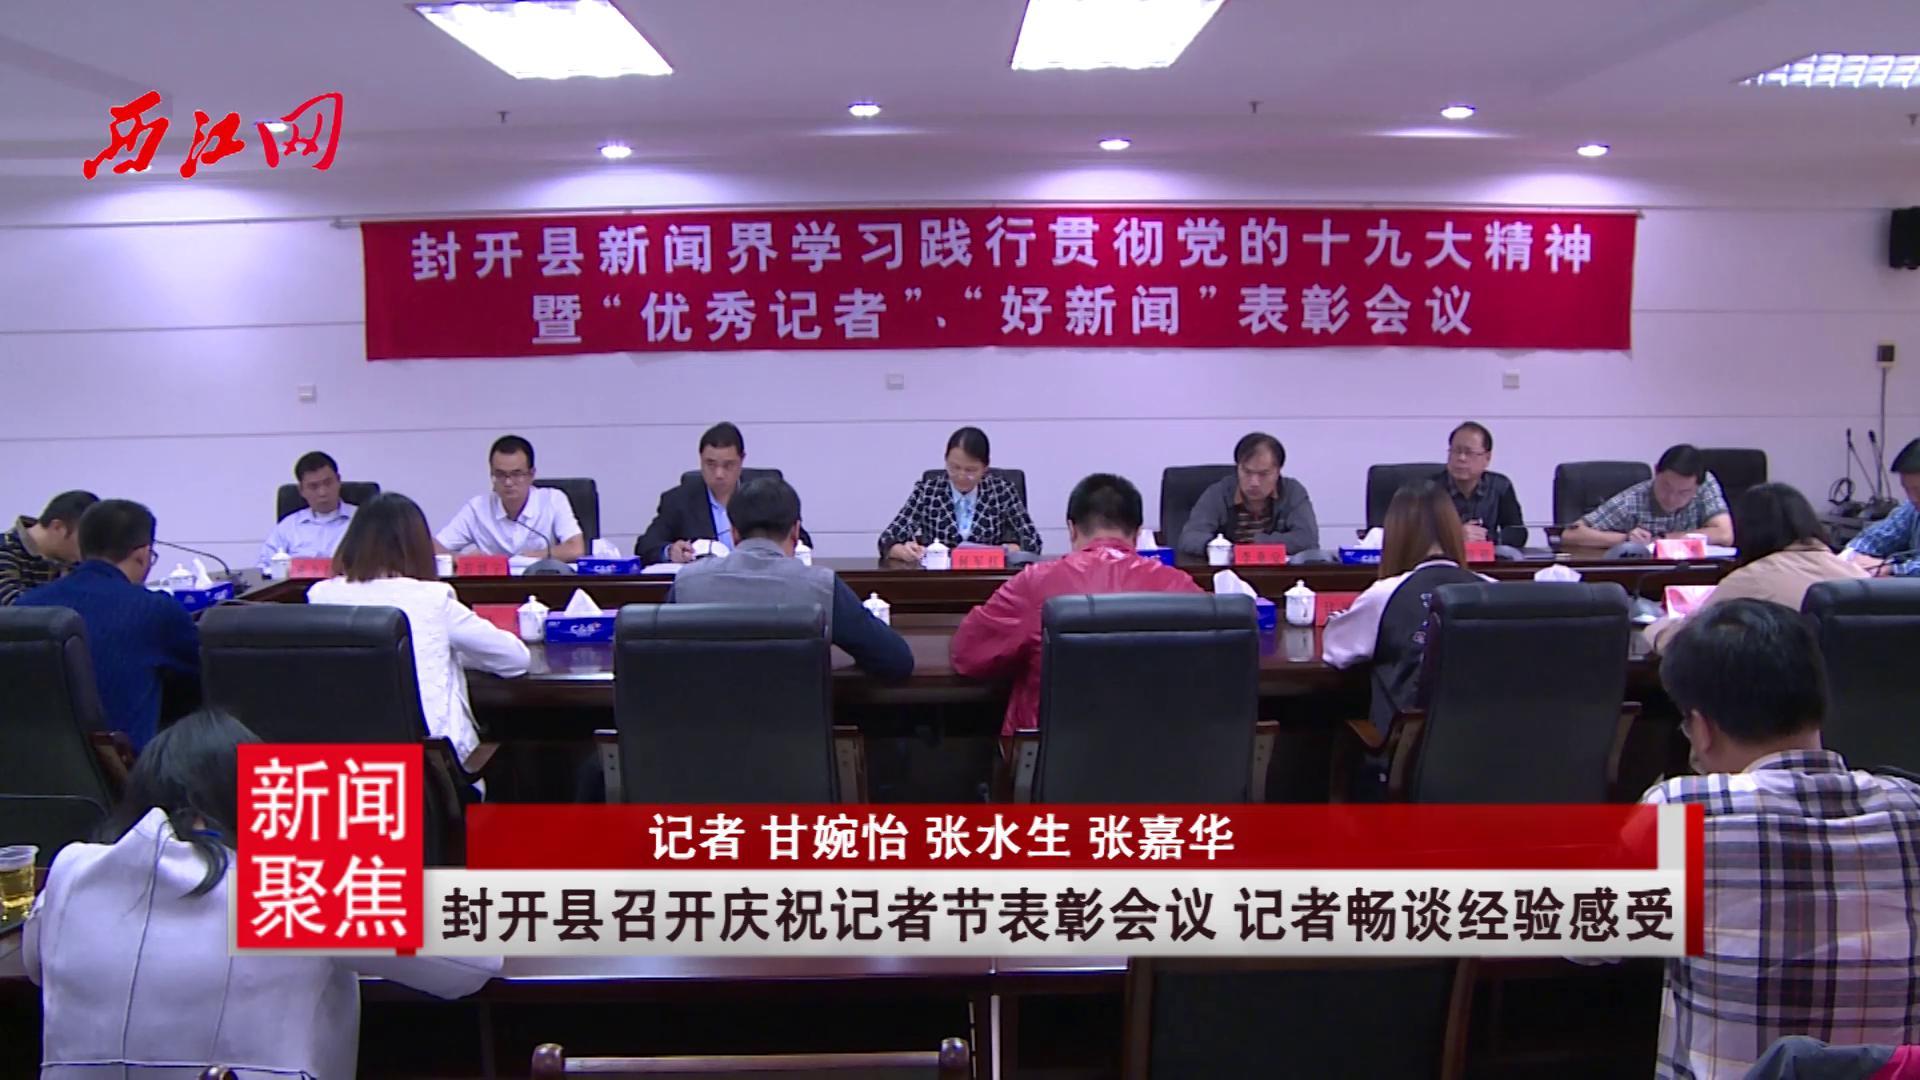 封开县召开庆祝记者节表彰会议记者畅谈经验感受